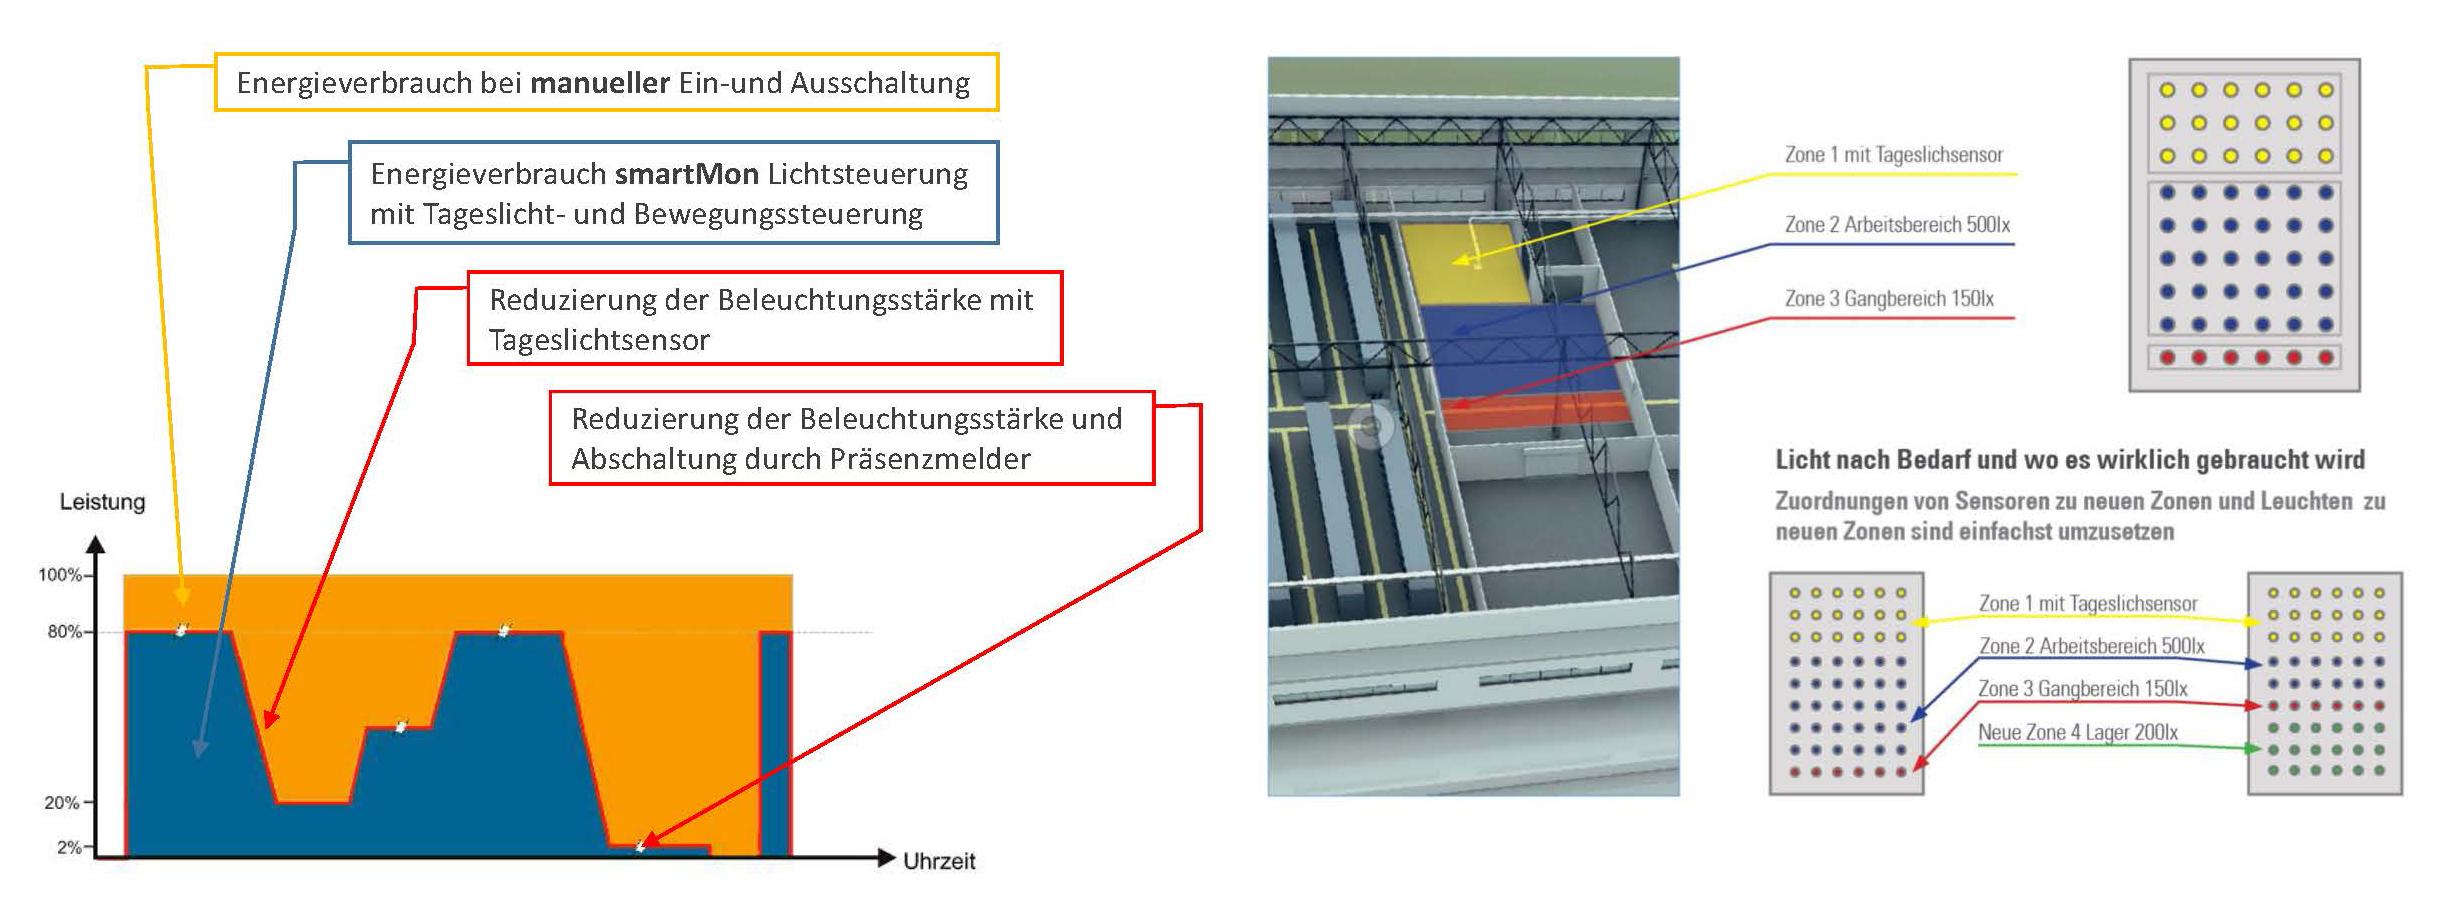 SML LED smartmon Lichtsteuerung Energieeinsparung